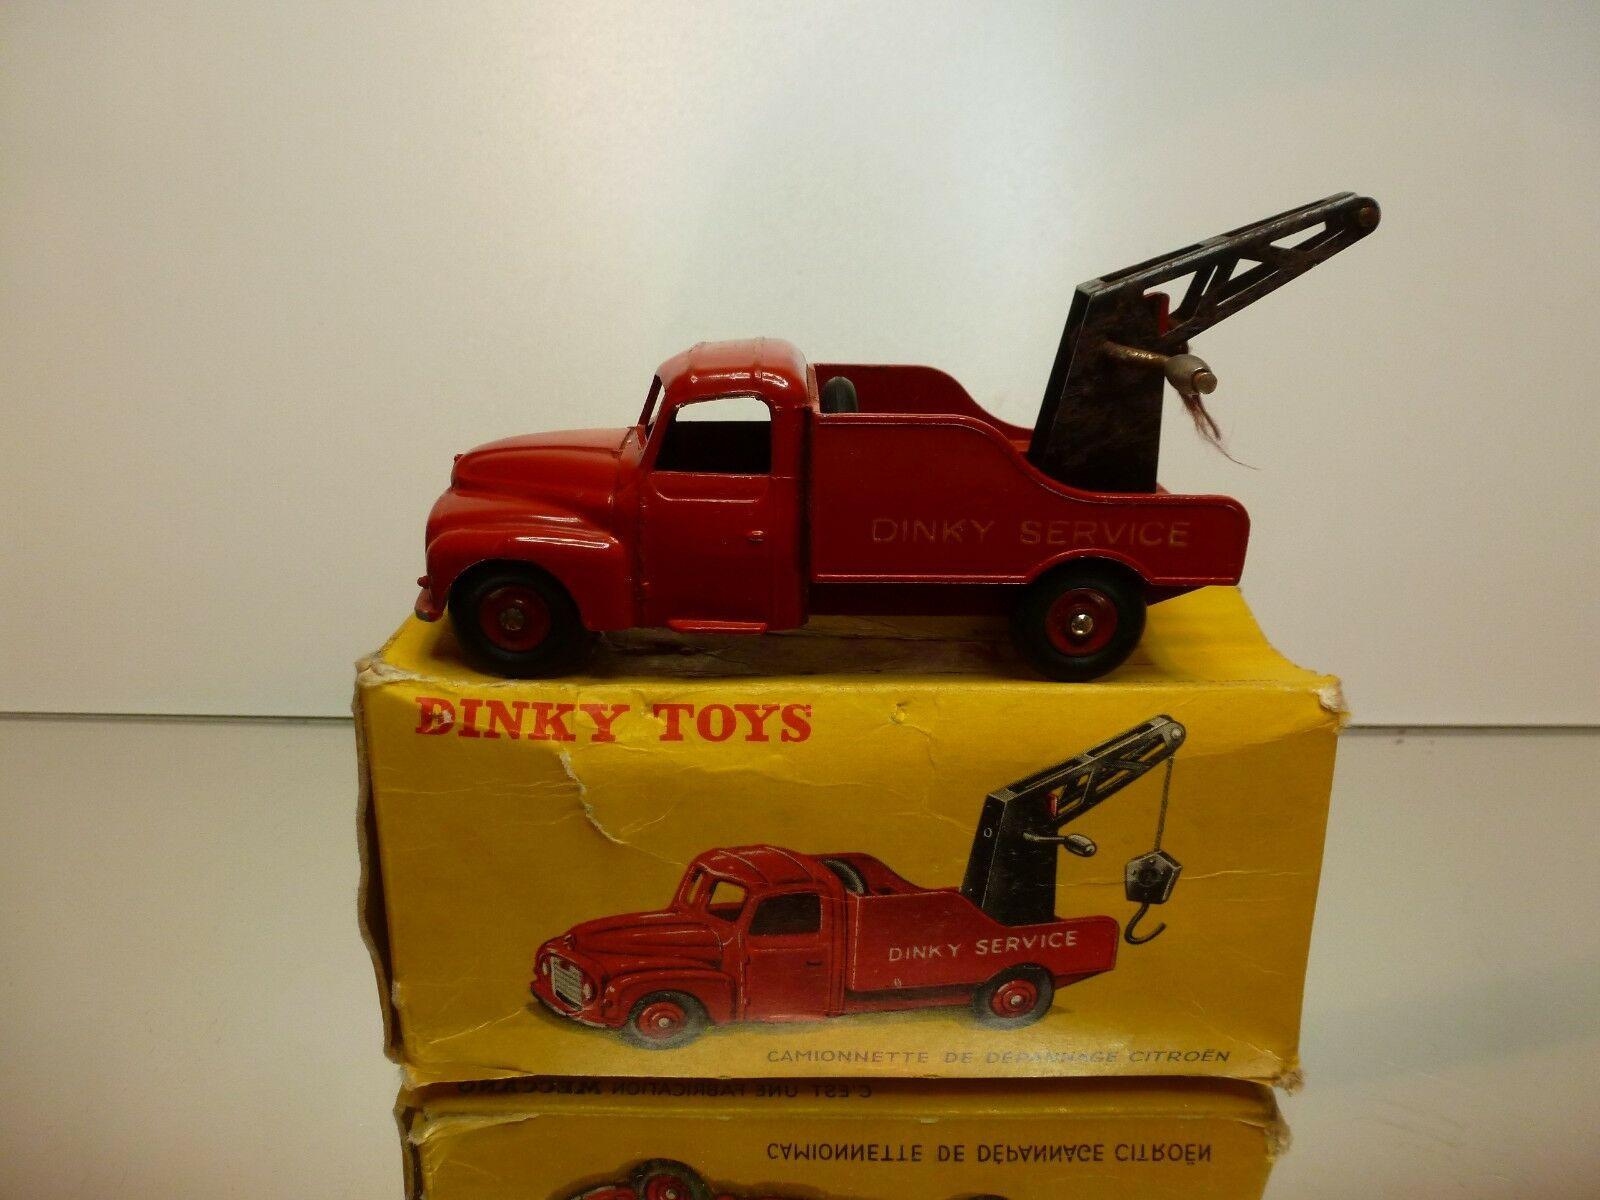 DINKY TOYS 582   COMIONNETTE DE DEPANNAGE CITROEN - GOOD CONDITION - IN BOX